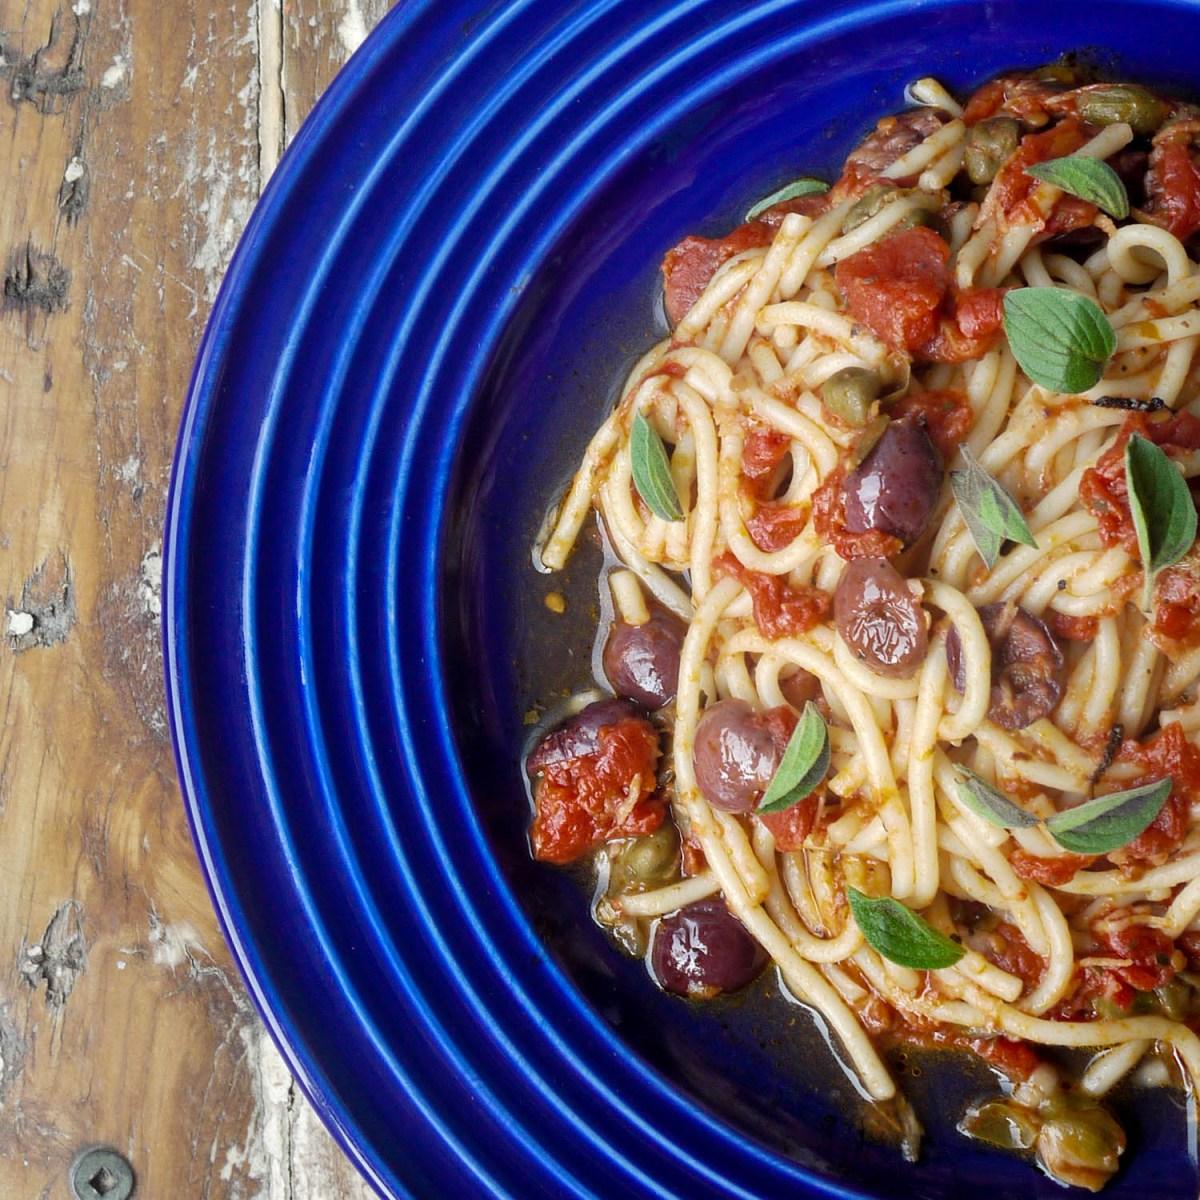 Vegan spaghetti puttanesca.